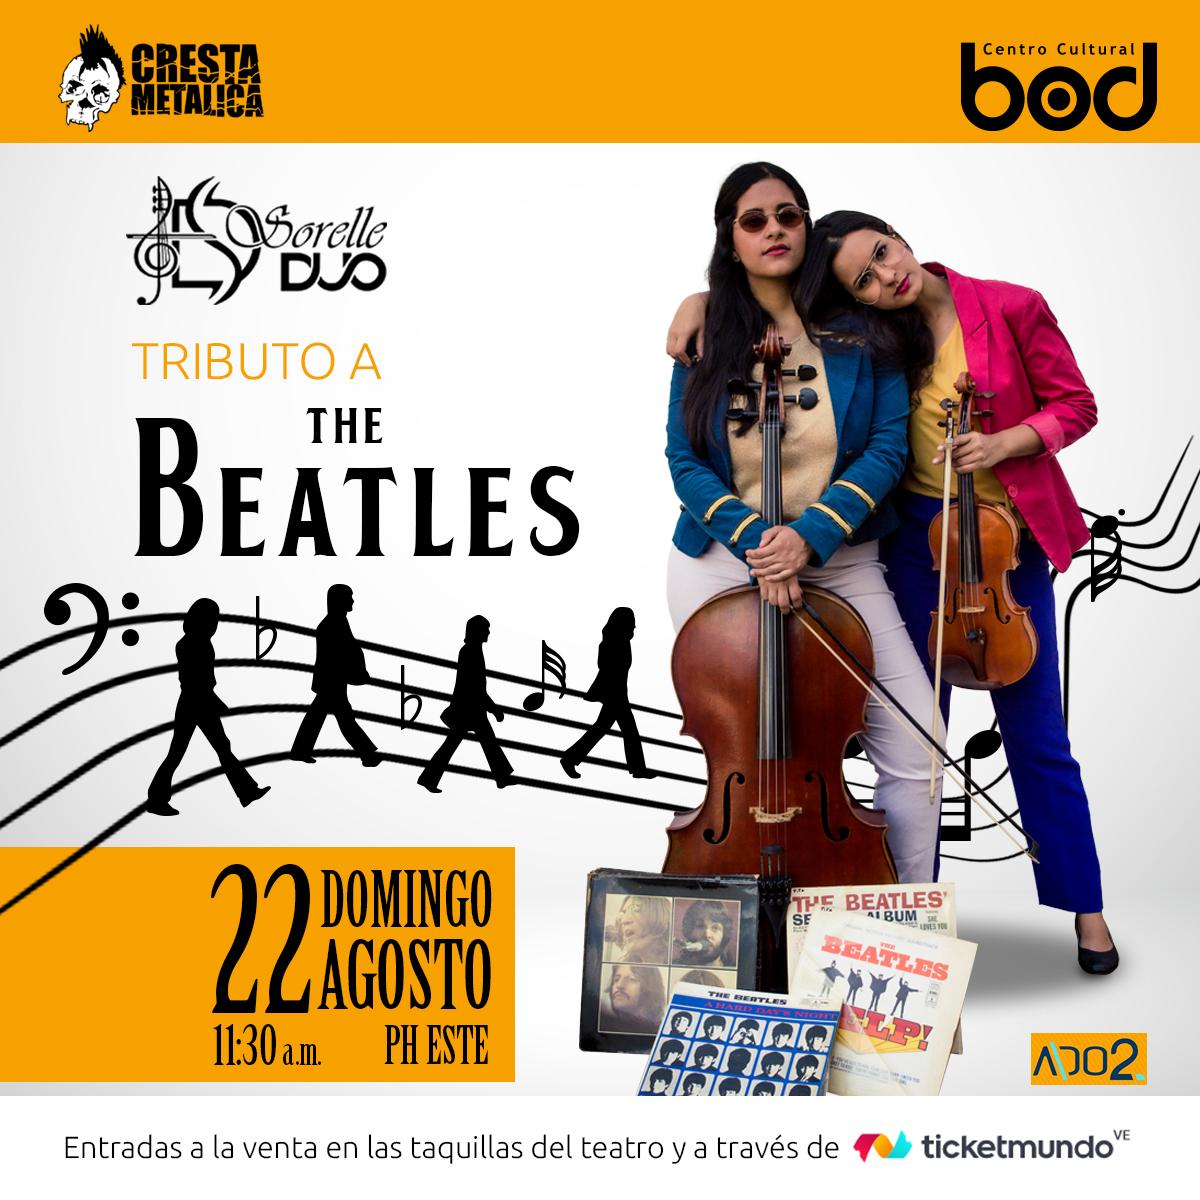 The Beatles suenan en formato de violín y violonchelo con Sorelle Dúo